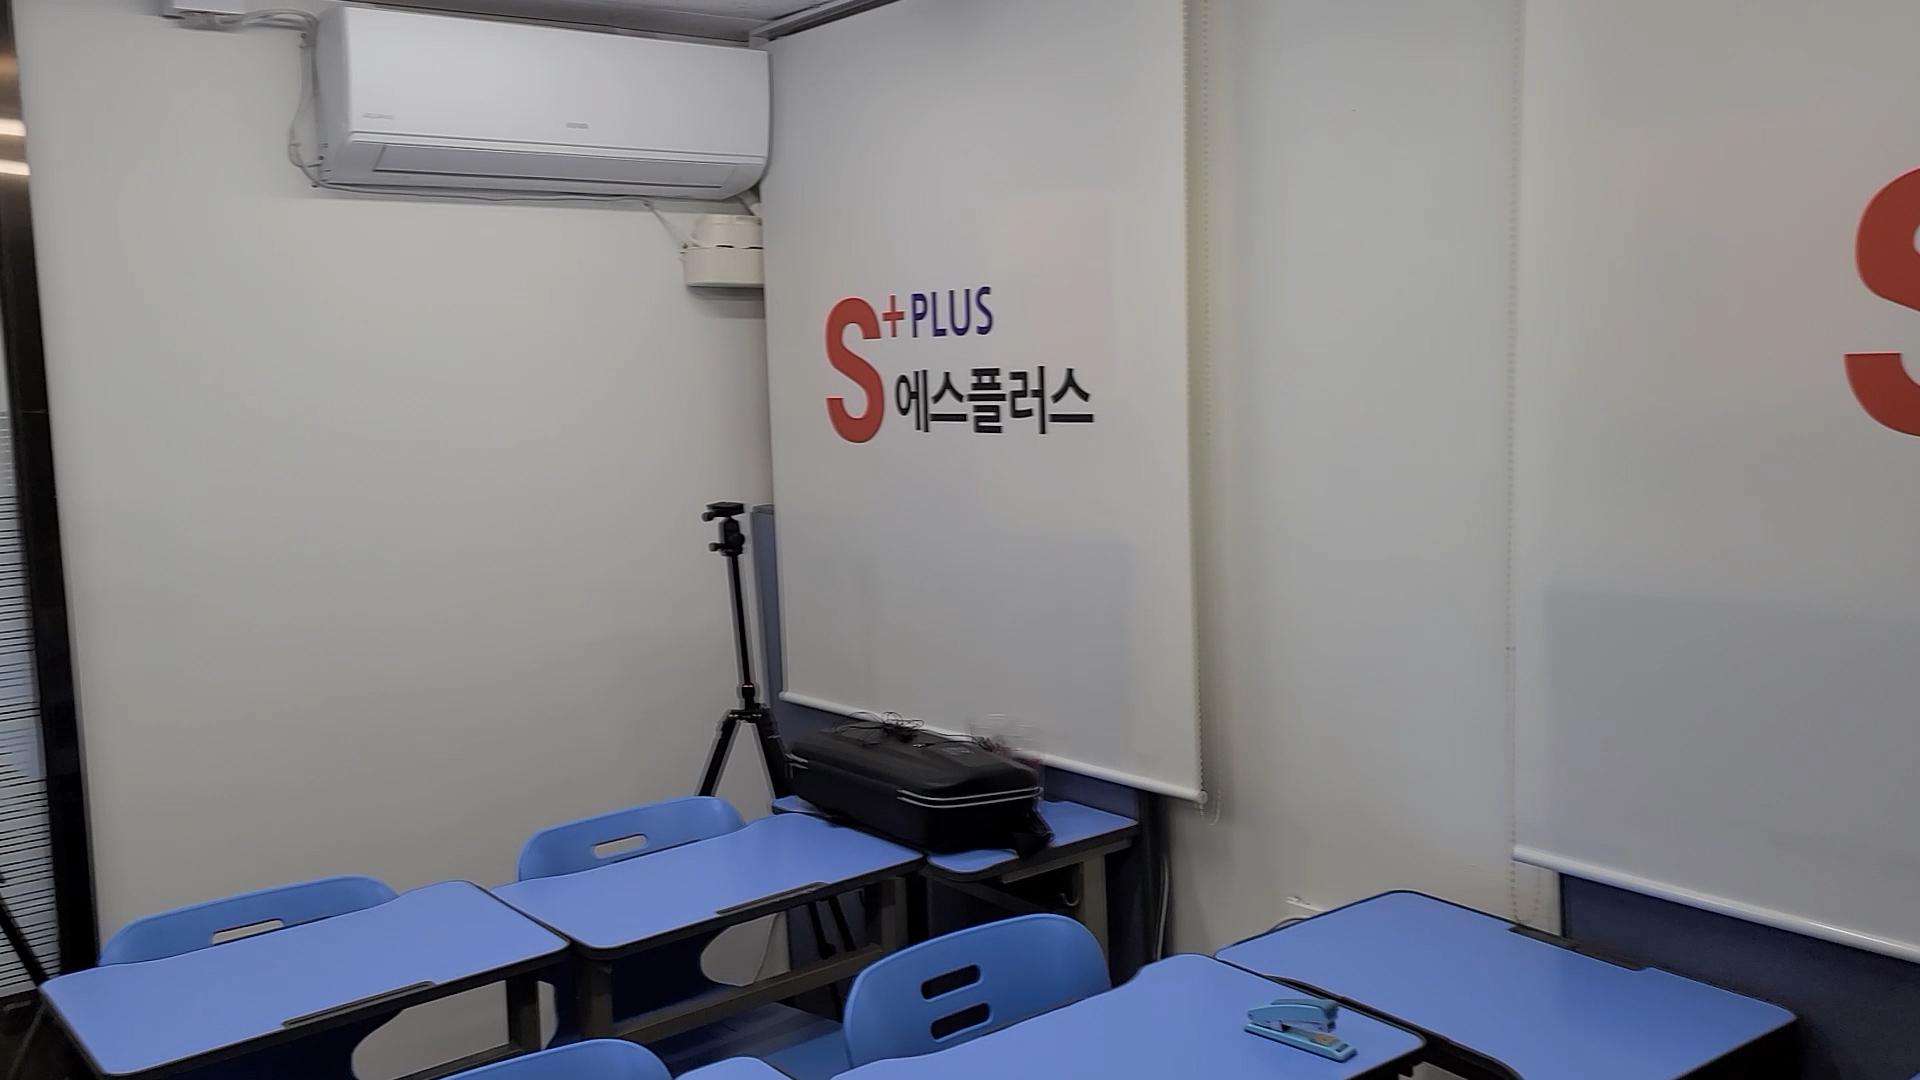 에스플러스학원 Splus Academy 비대면 온라인 완전탈바꿈.00_00_11_21.스틸 008제1강의실.jpg